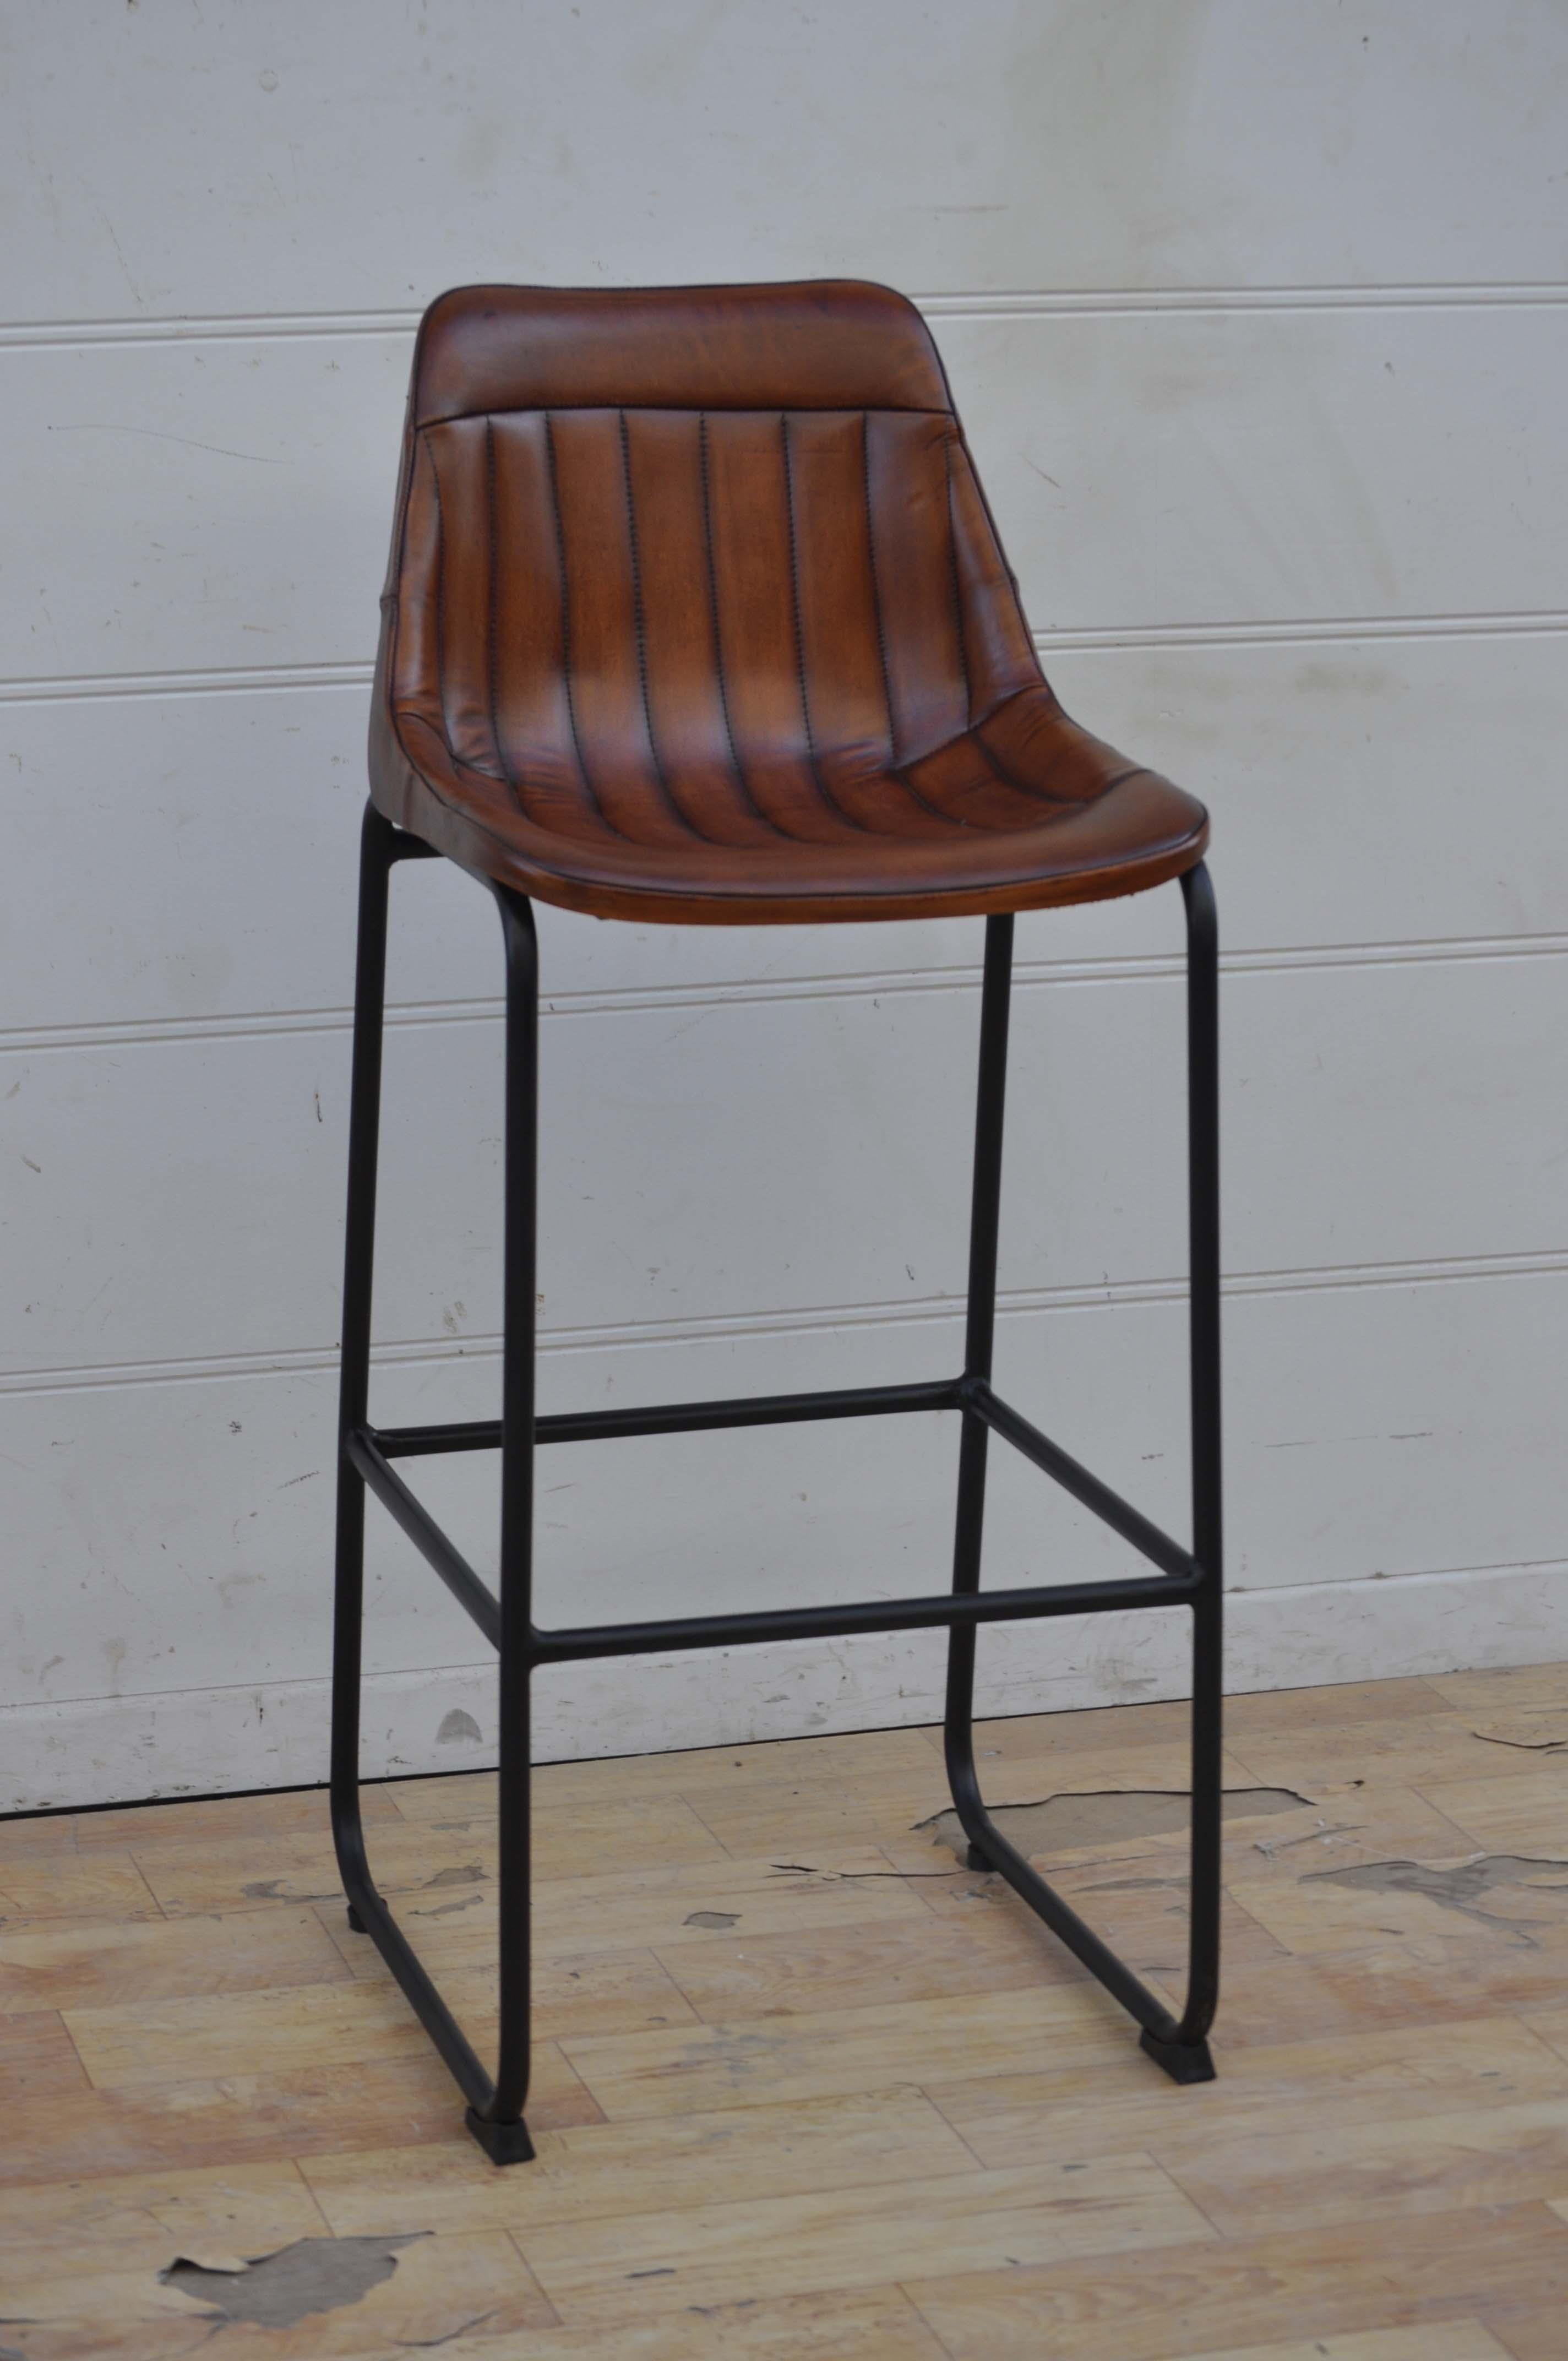 Krzesło Barowe Pikowane Skórzane